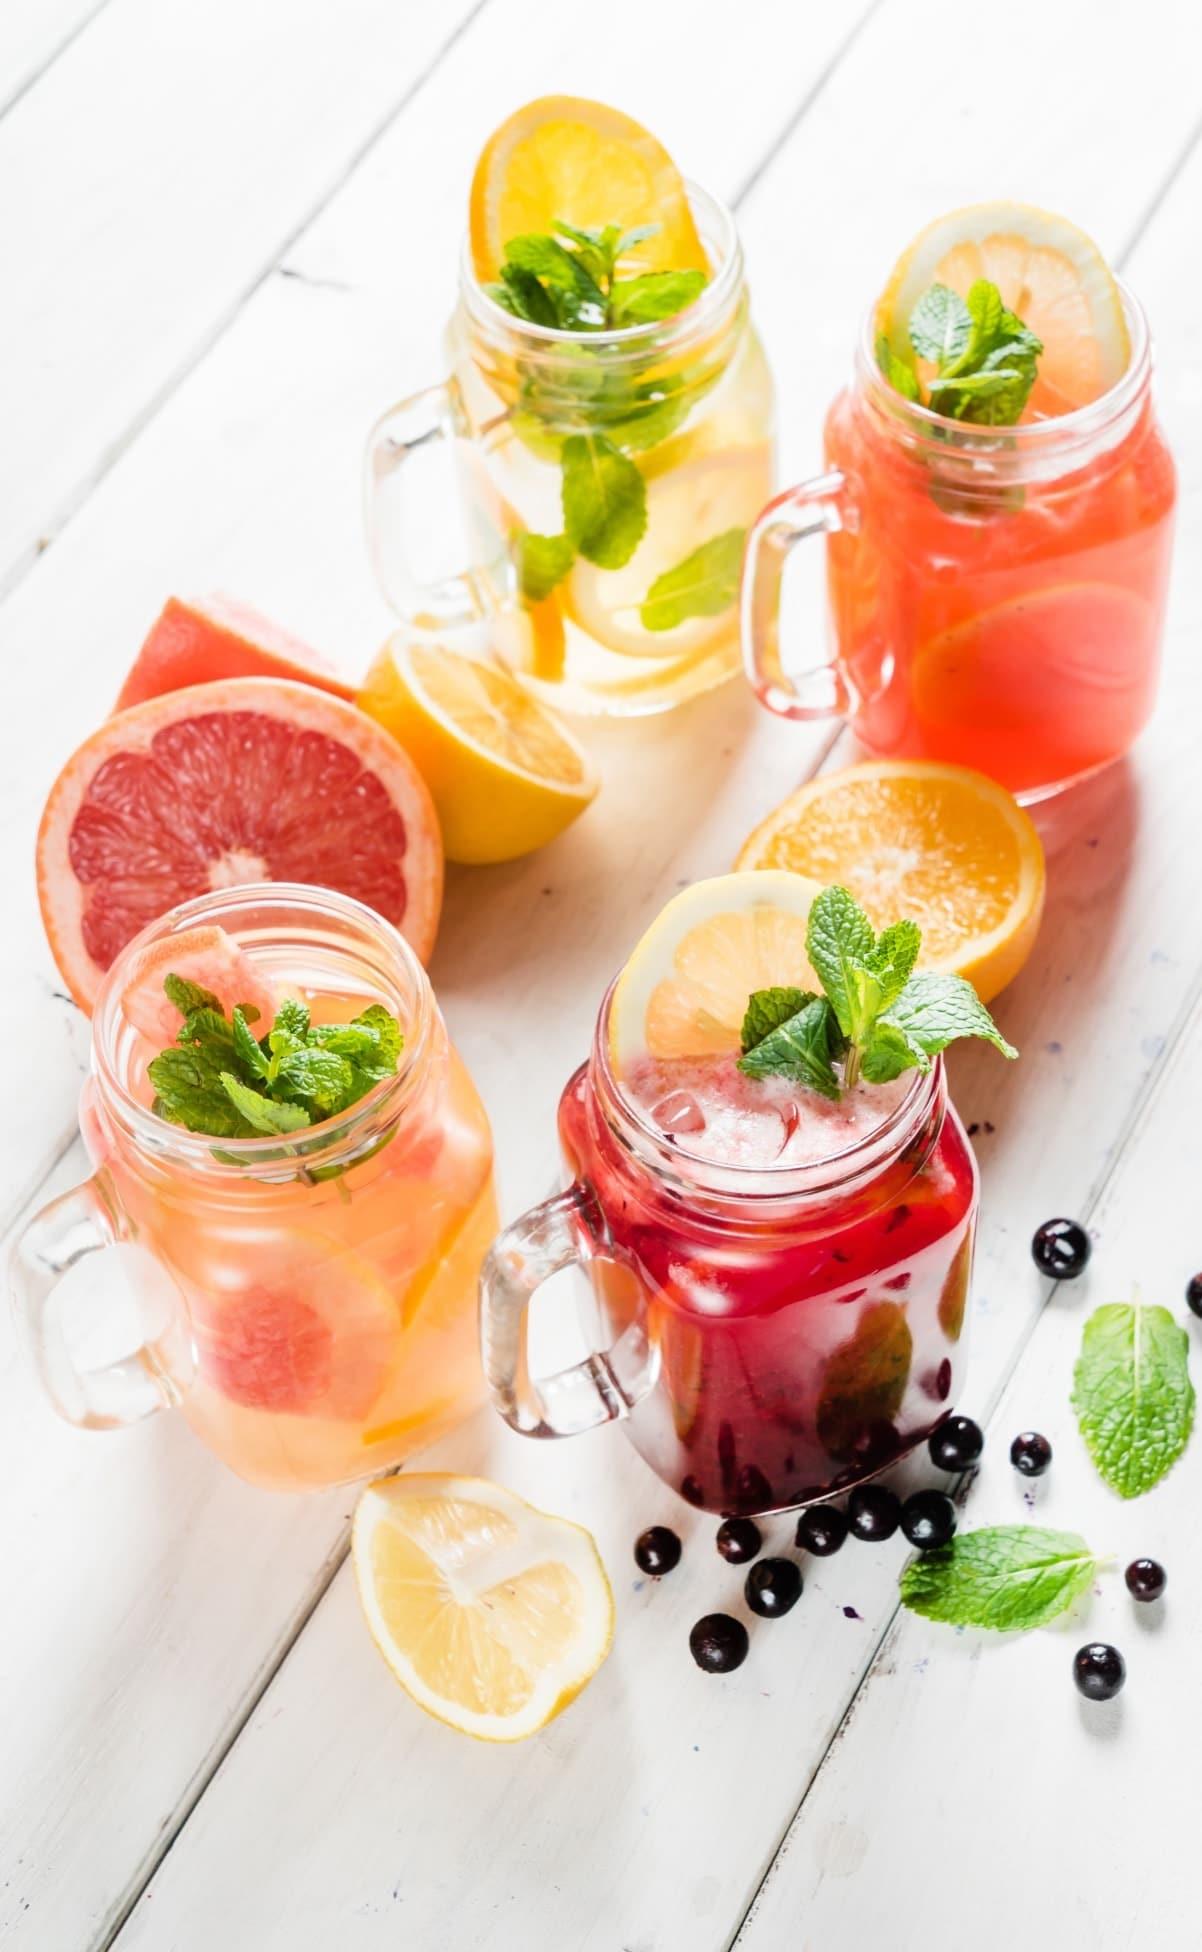 cocteles con tequila por su sabor